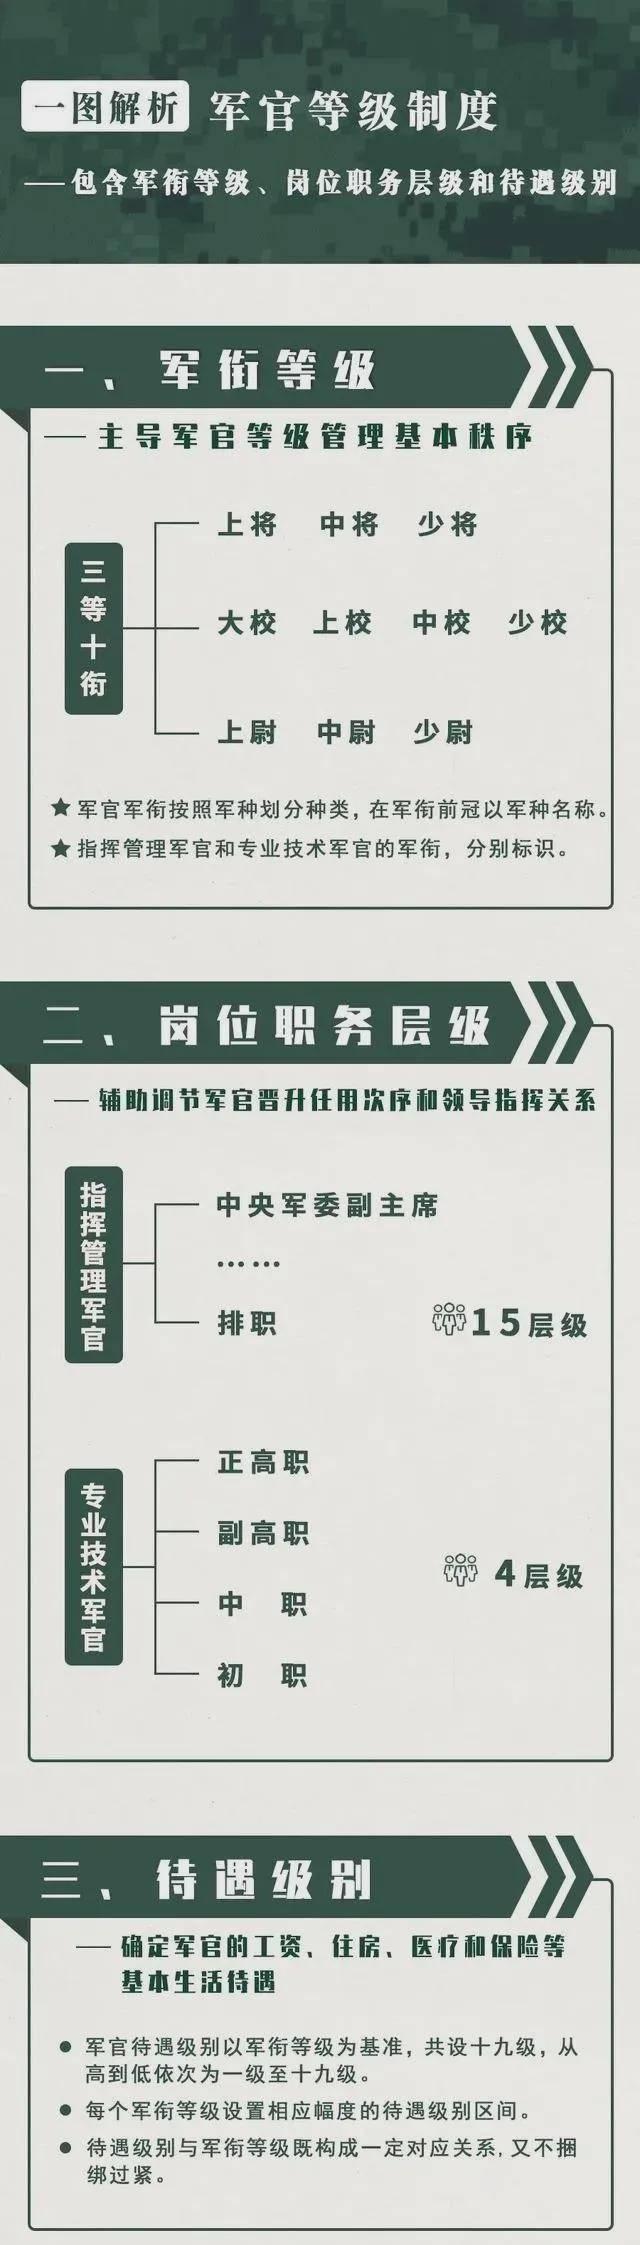 军阶排行_中国部队军衔等级中国部队的军衔级别划分